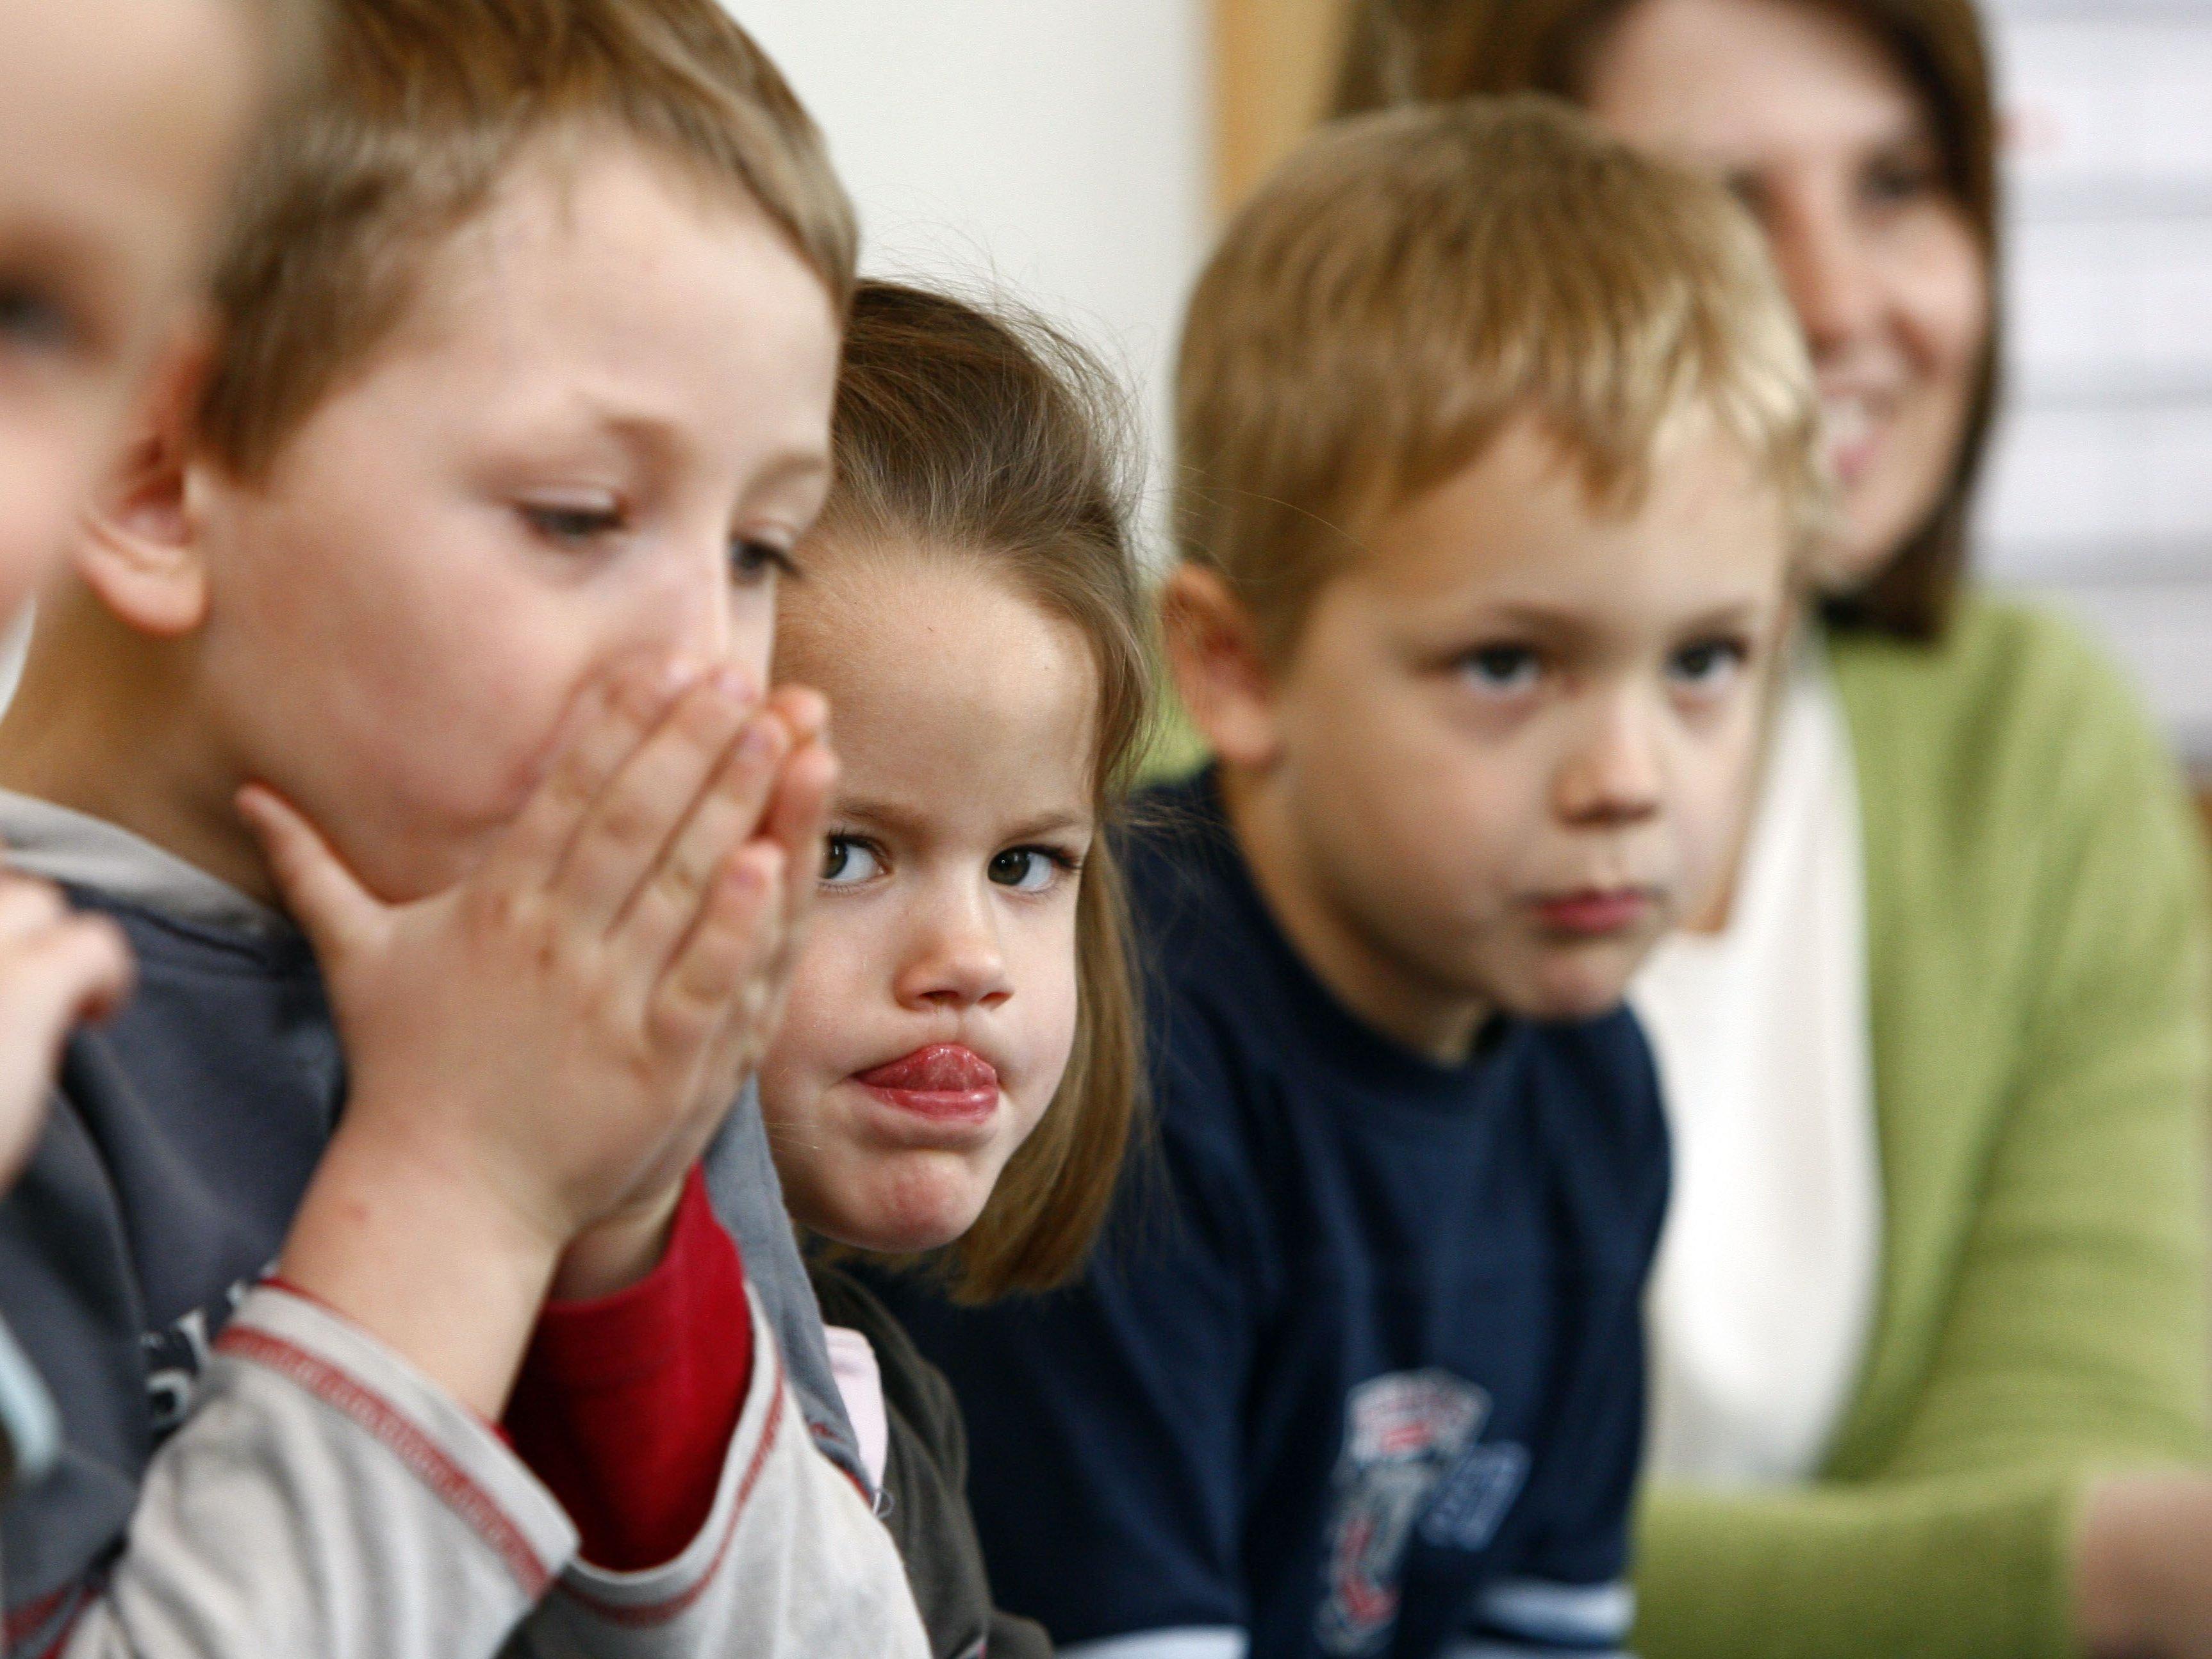 Fein Kinderbetreuer Fortsetzen Australien Ideen - Beispiel Business ...